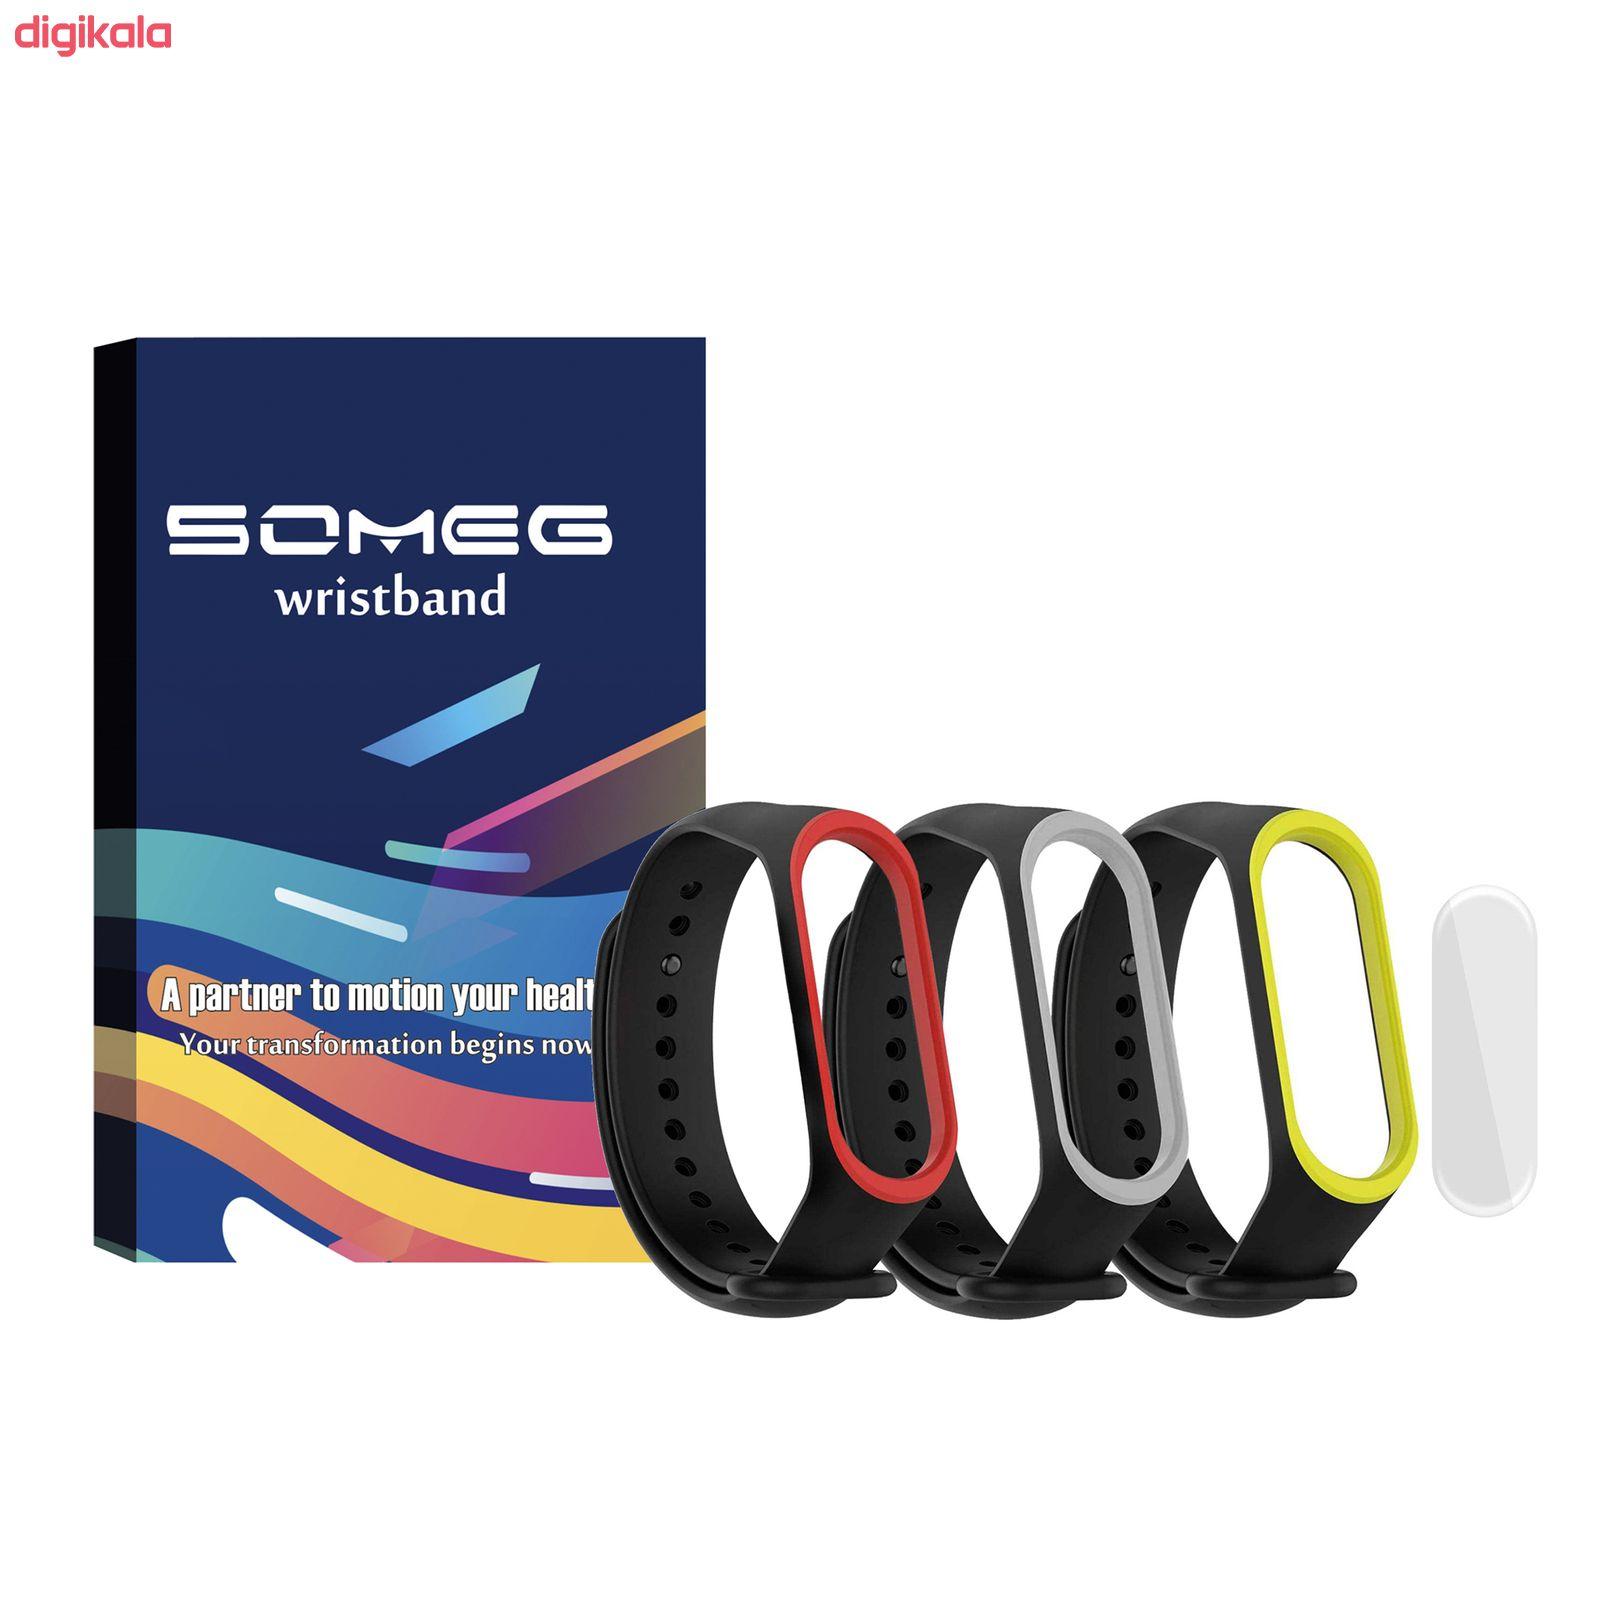 بند سومگ مدل SMG0-SP1 مناسب برای مچ بند هوشمند شیائومی Mi Band 4 مجموعه 3 عددی به همراه محافظ صفحه نمایش main 1 17